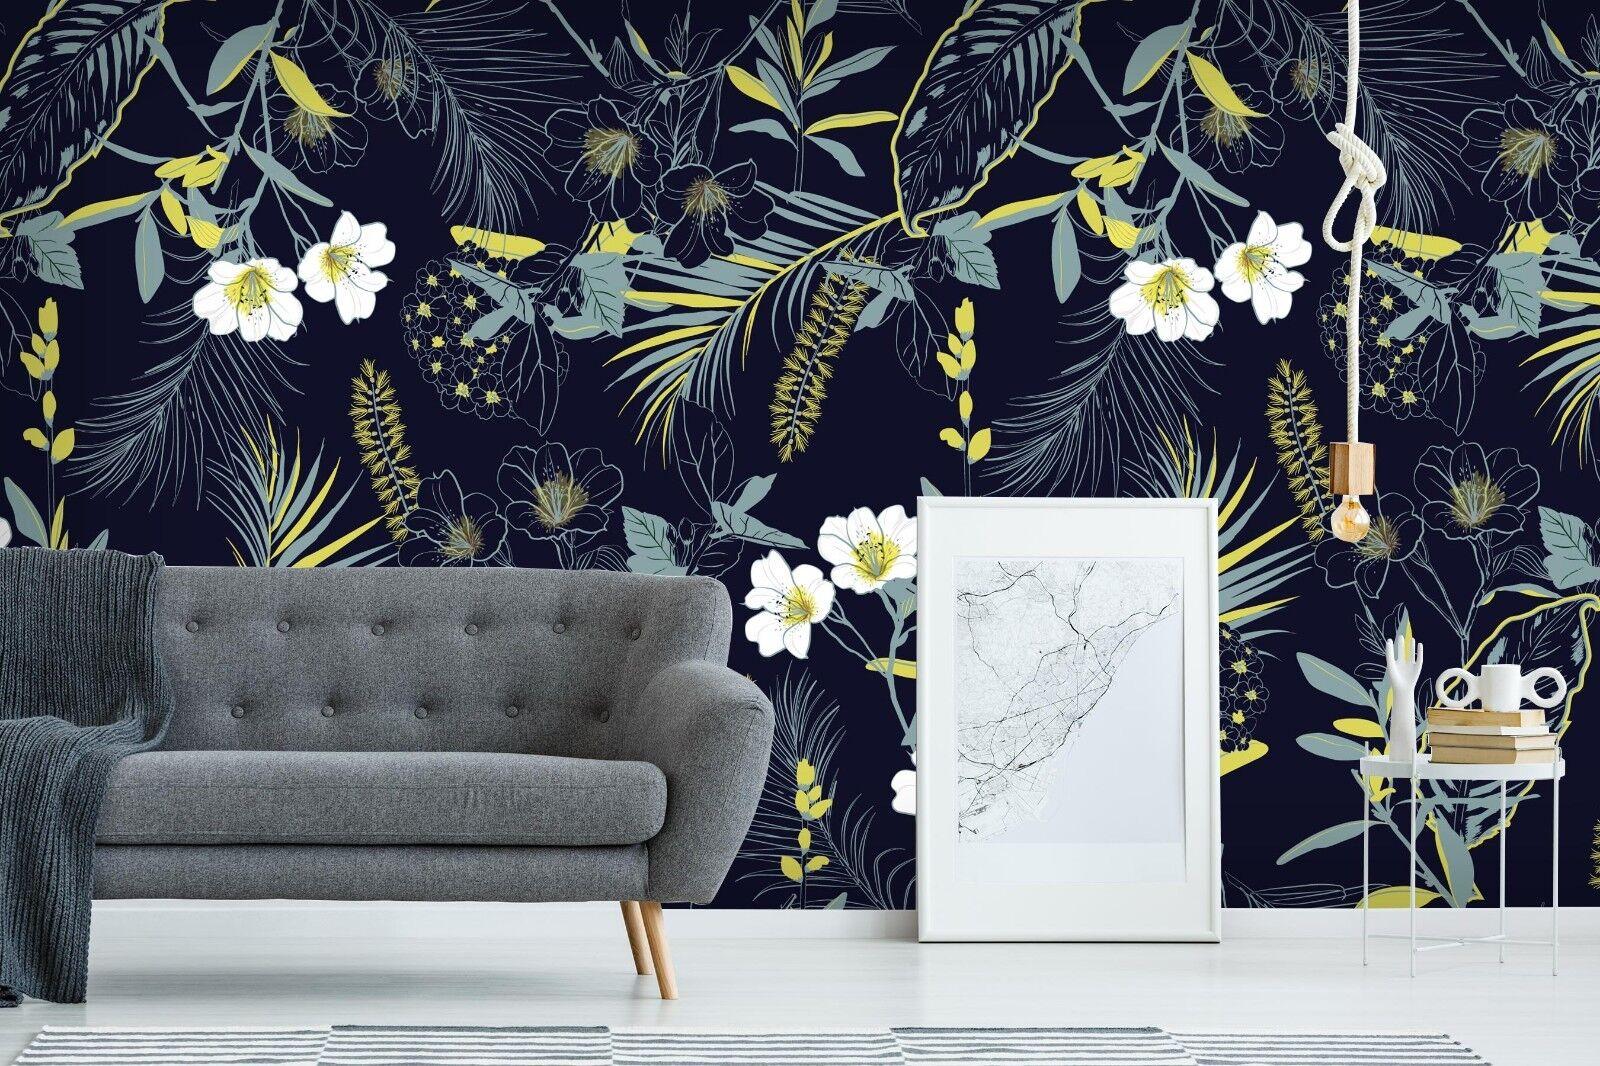 3D Gras Blumen 7029 Tapete Wandgemälde Tapete Tapeten Bild Familie DE Sidney